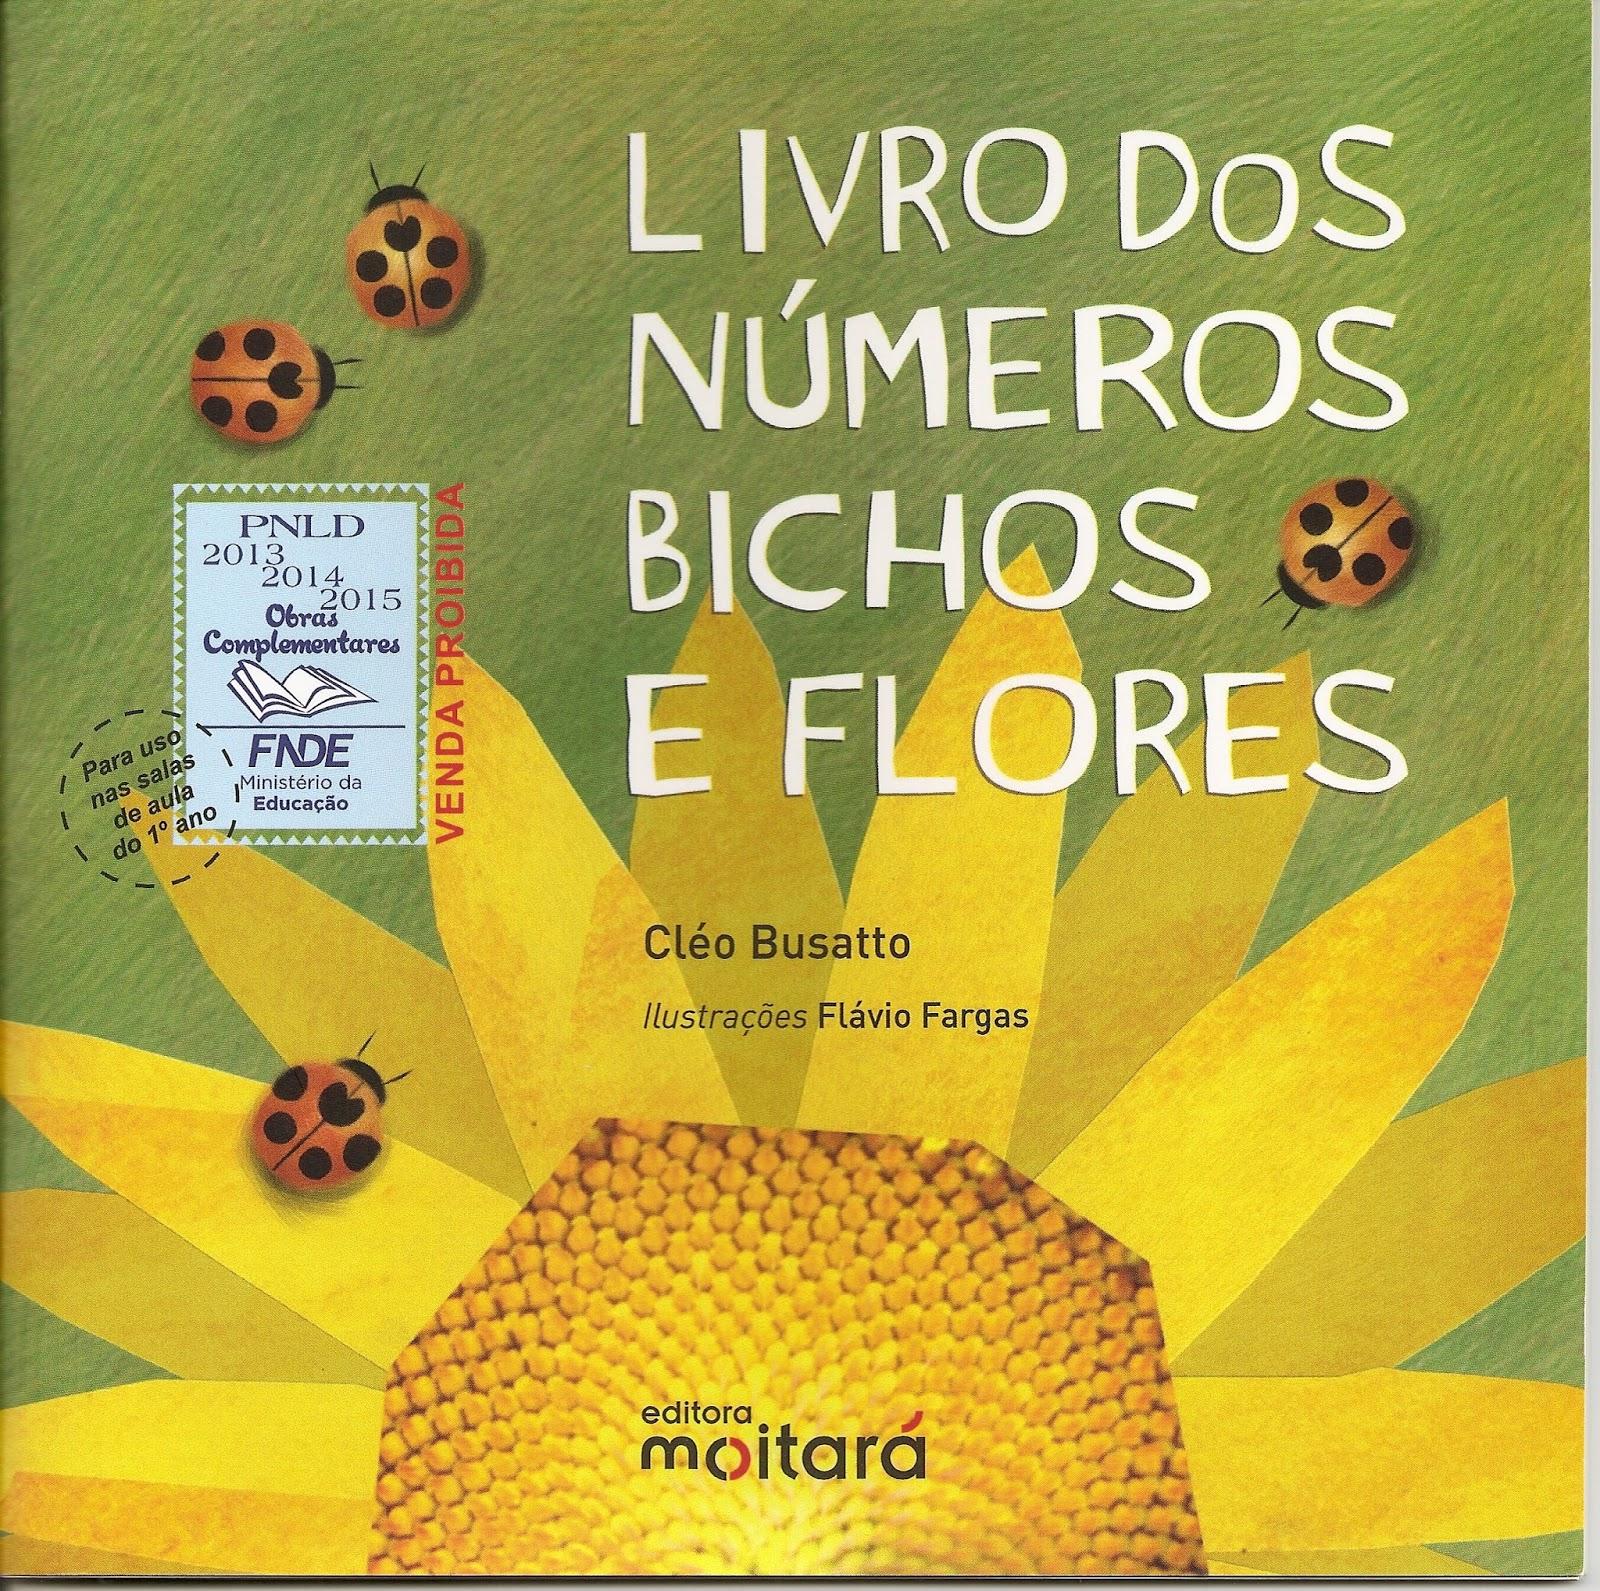 Plano de Aula Livro dos Números Bichos e Flores